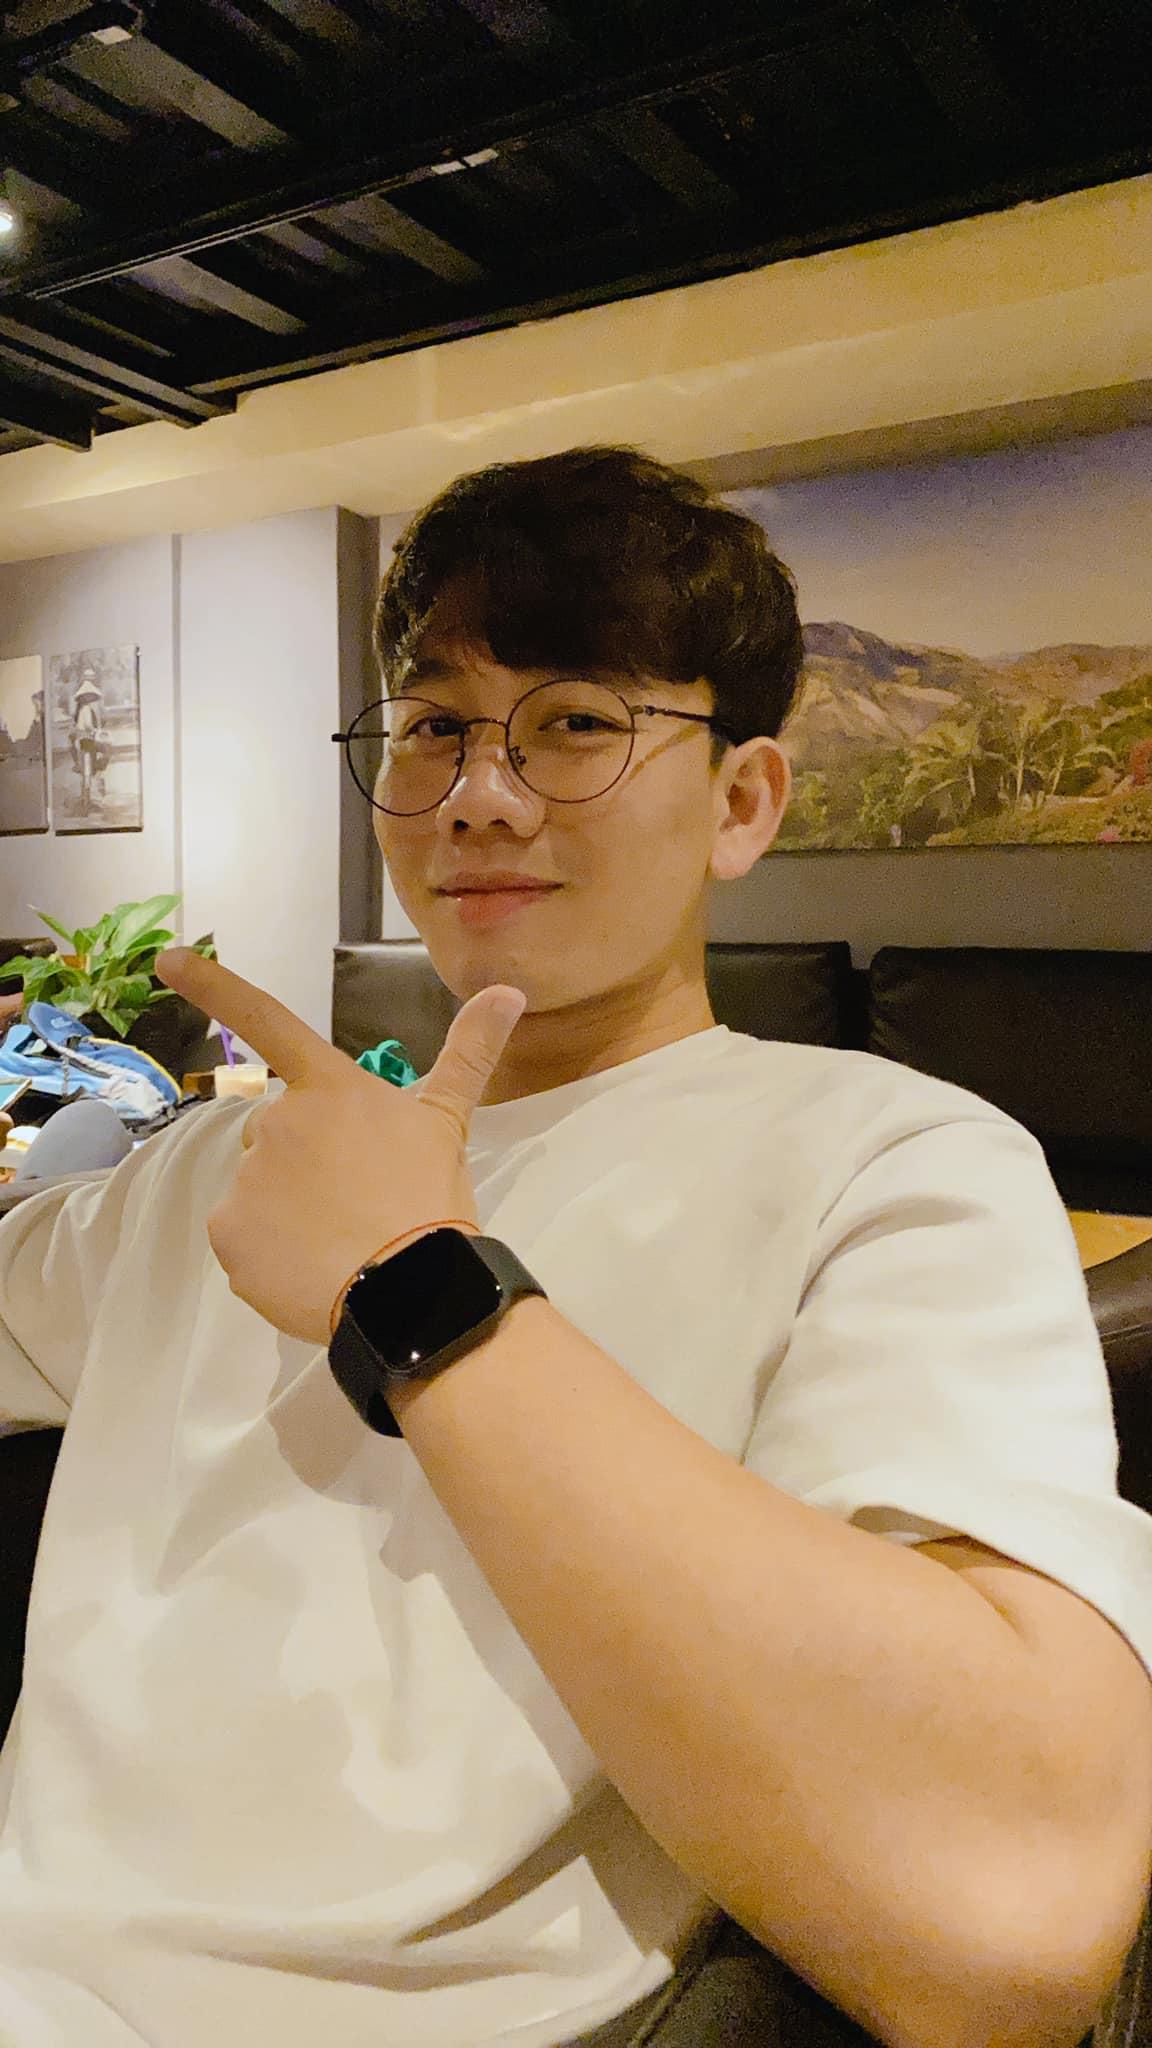 Hình ảnh đời thường baby, kute của chàng trai sinh năm 1995, quê Thái Bình.